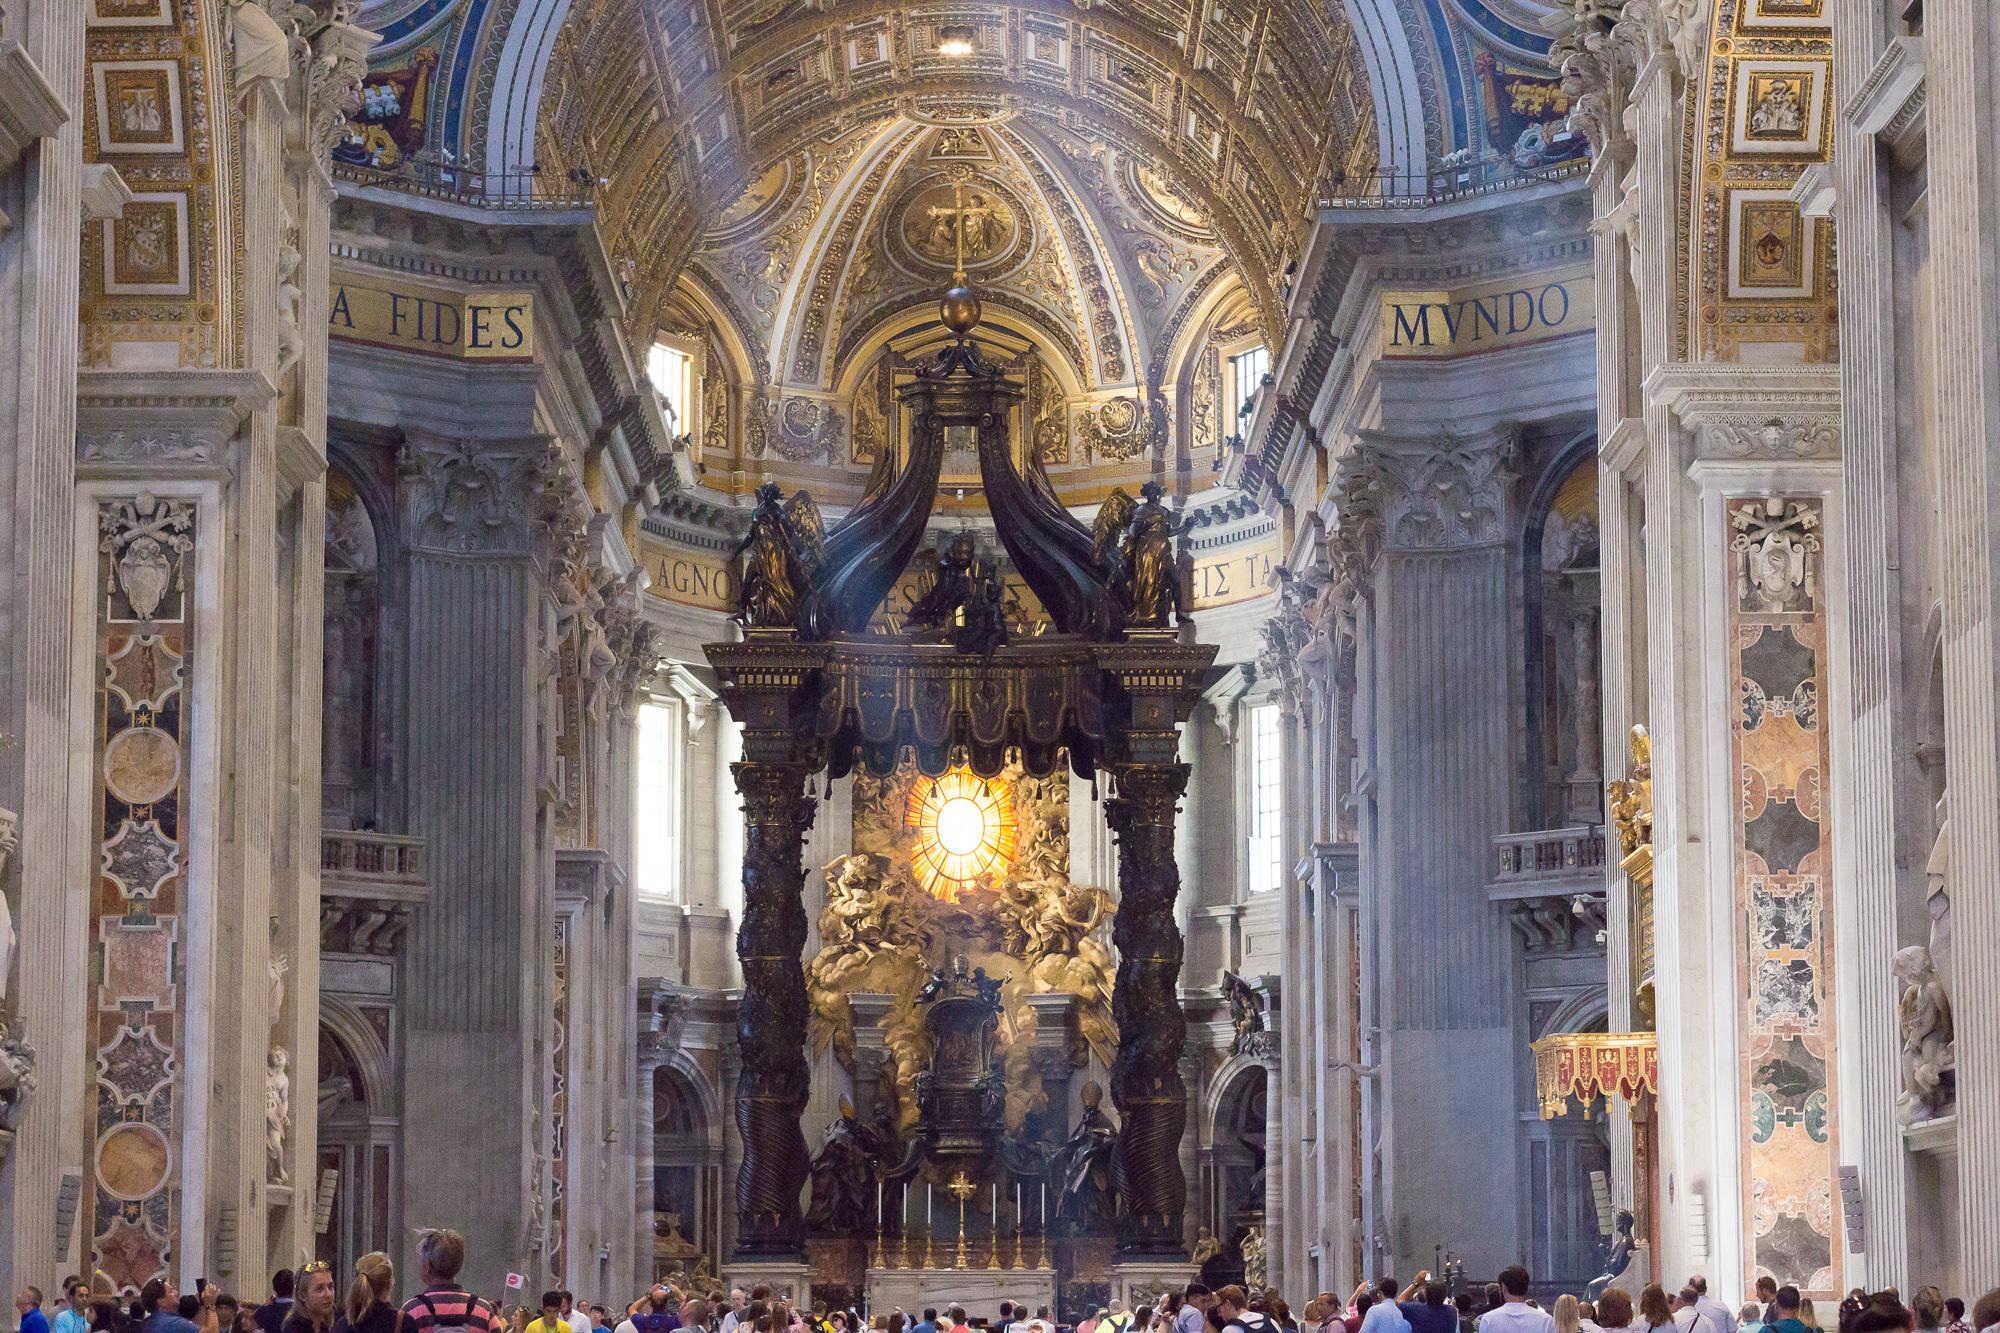 Sous la coupole de la Basilique Saint Pierre, nimbée de lumière, le baldaquin du Bernin et la foule de touristes, Vatican